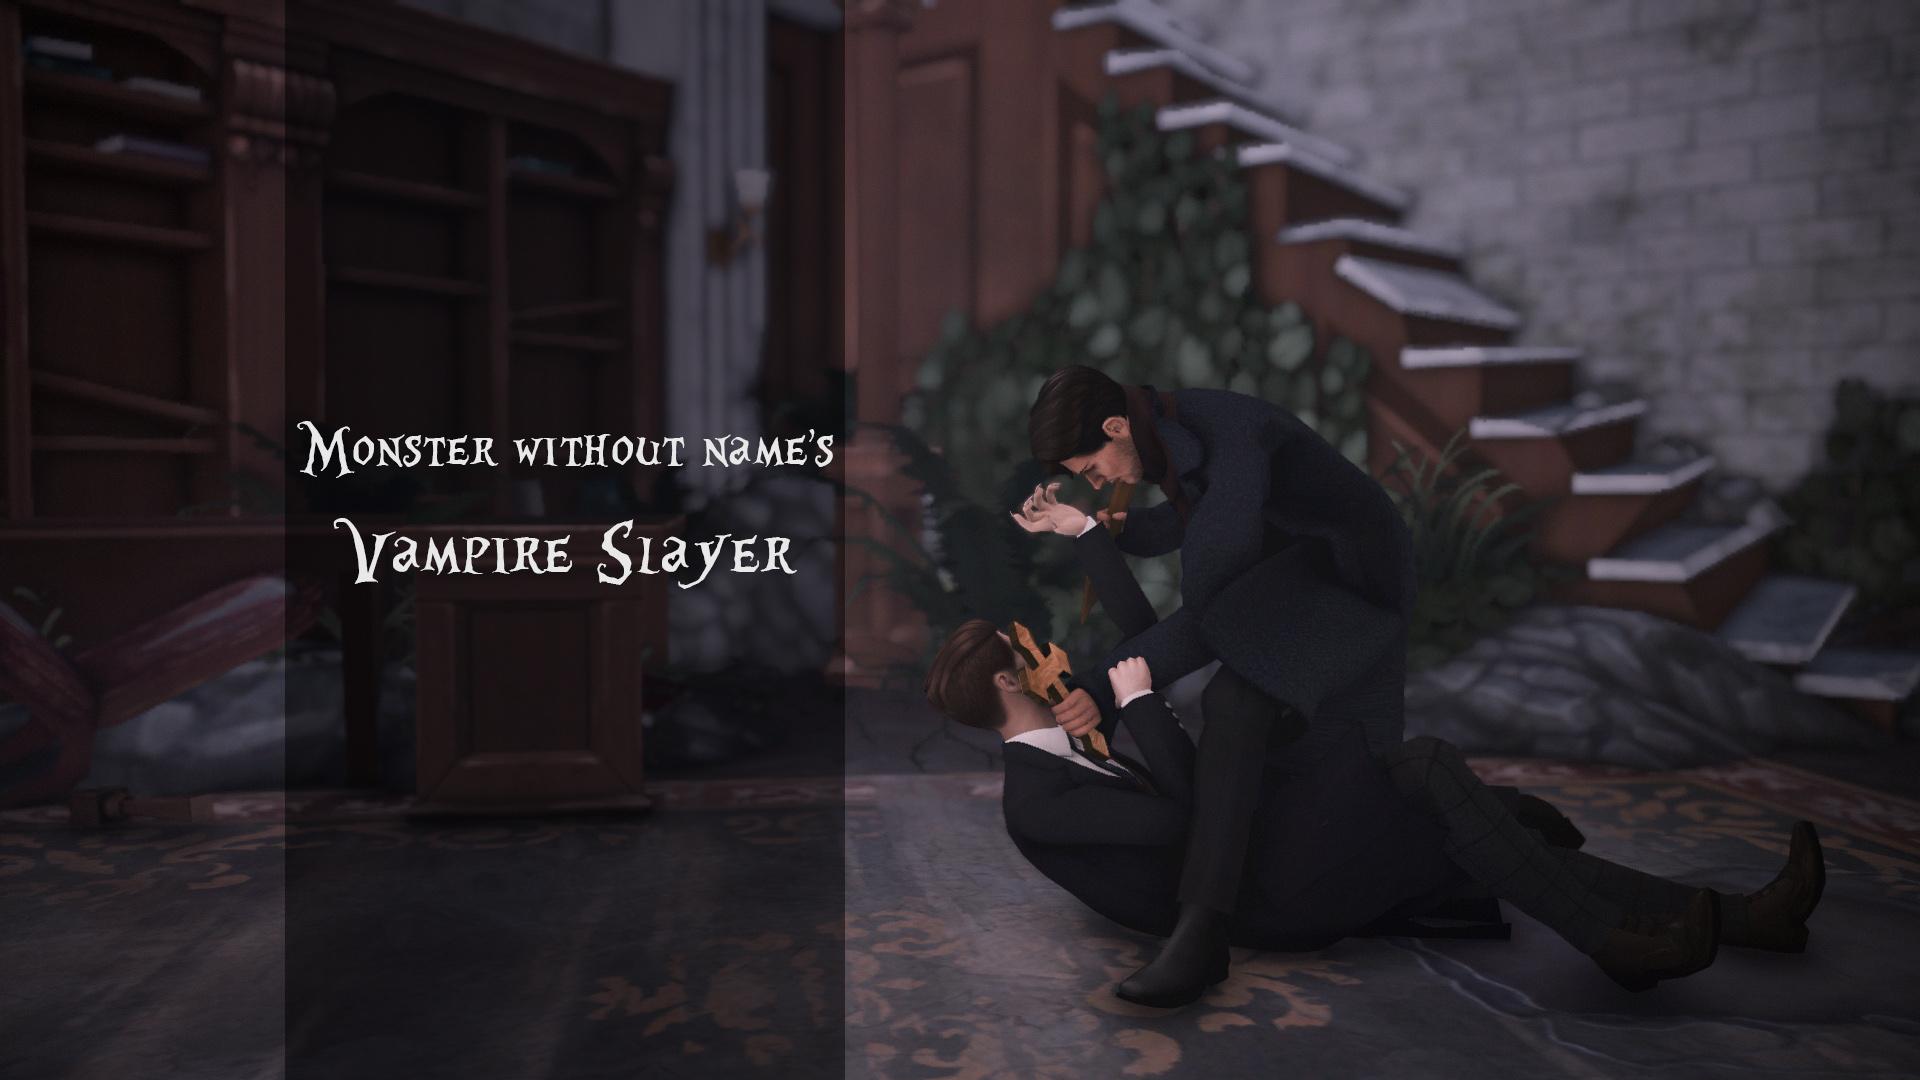 MTS_Monsterwithoutname-1818724-vampireslayer.jpg